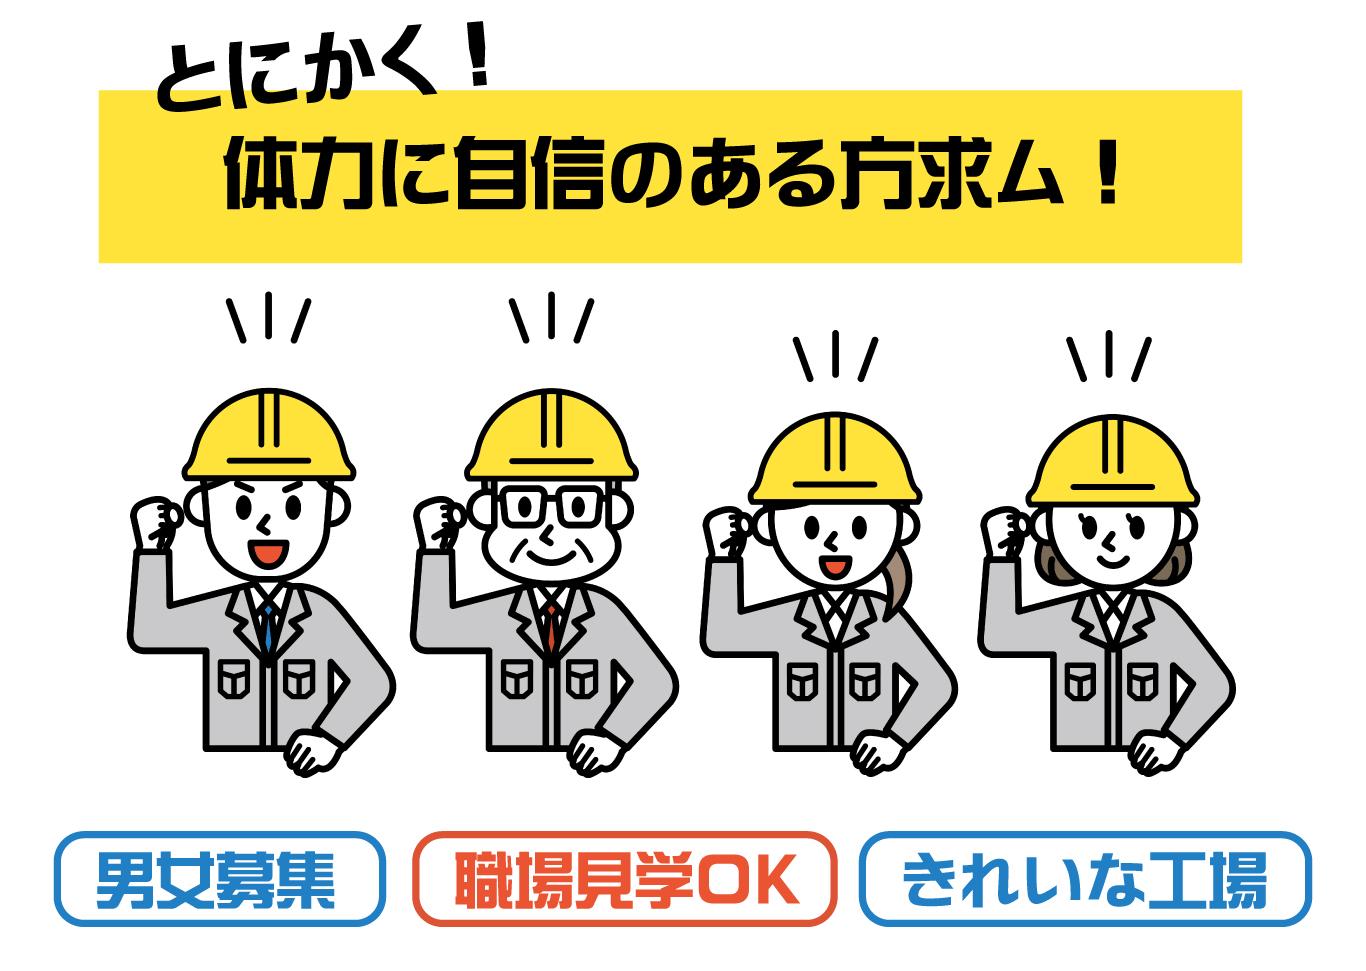 日払い・週払い求人栗東市 きれいな工場でのお仕事!電池の製造補助作業!イメージ